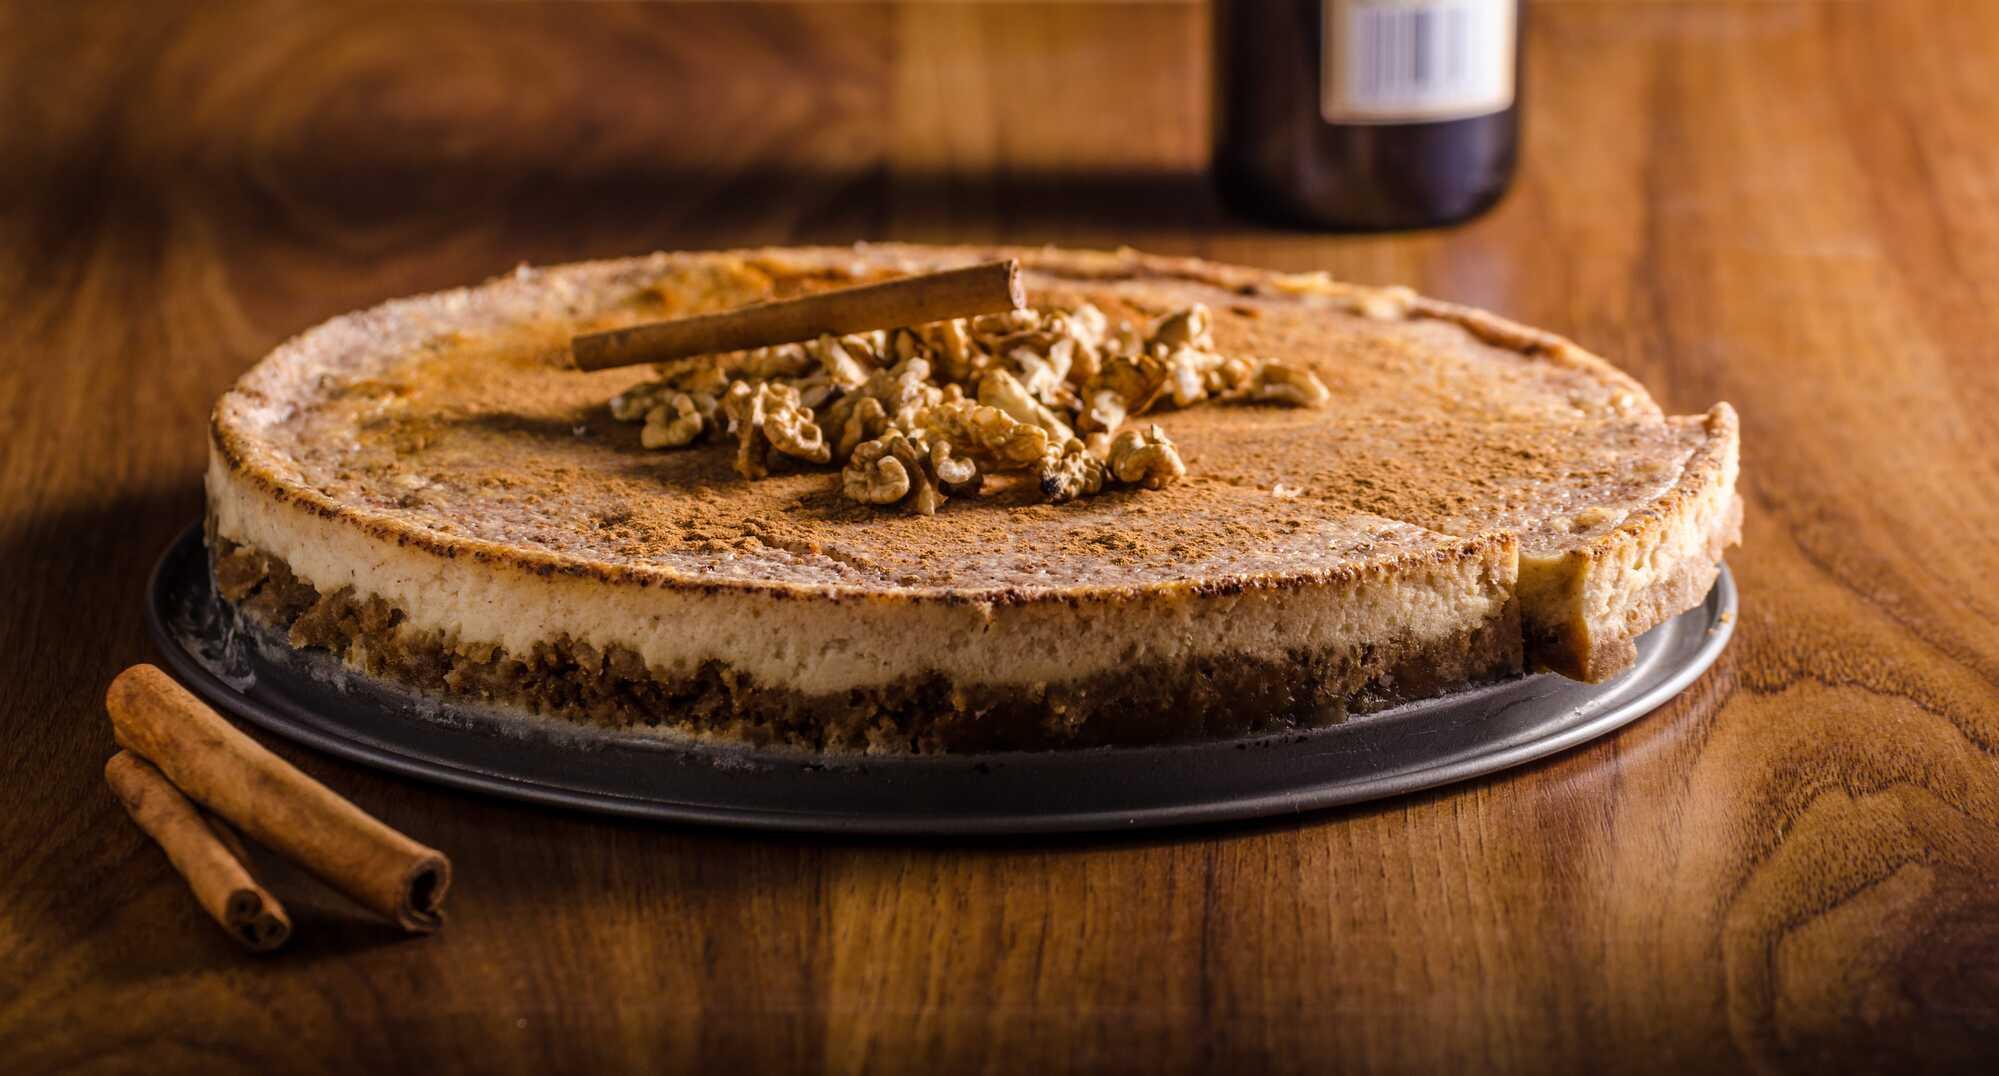 Présenté sur un plan de travail en bois foncé, le cheesecake est recouvert d'un topping au chocolat et de noix.